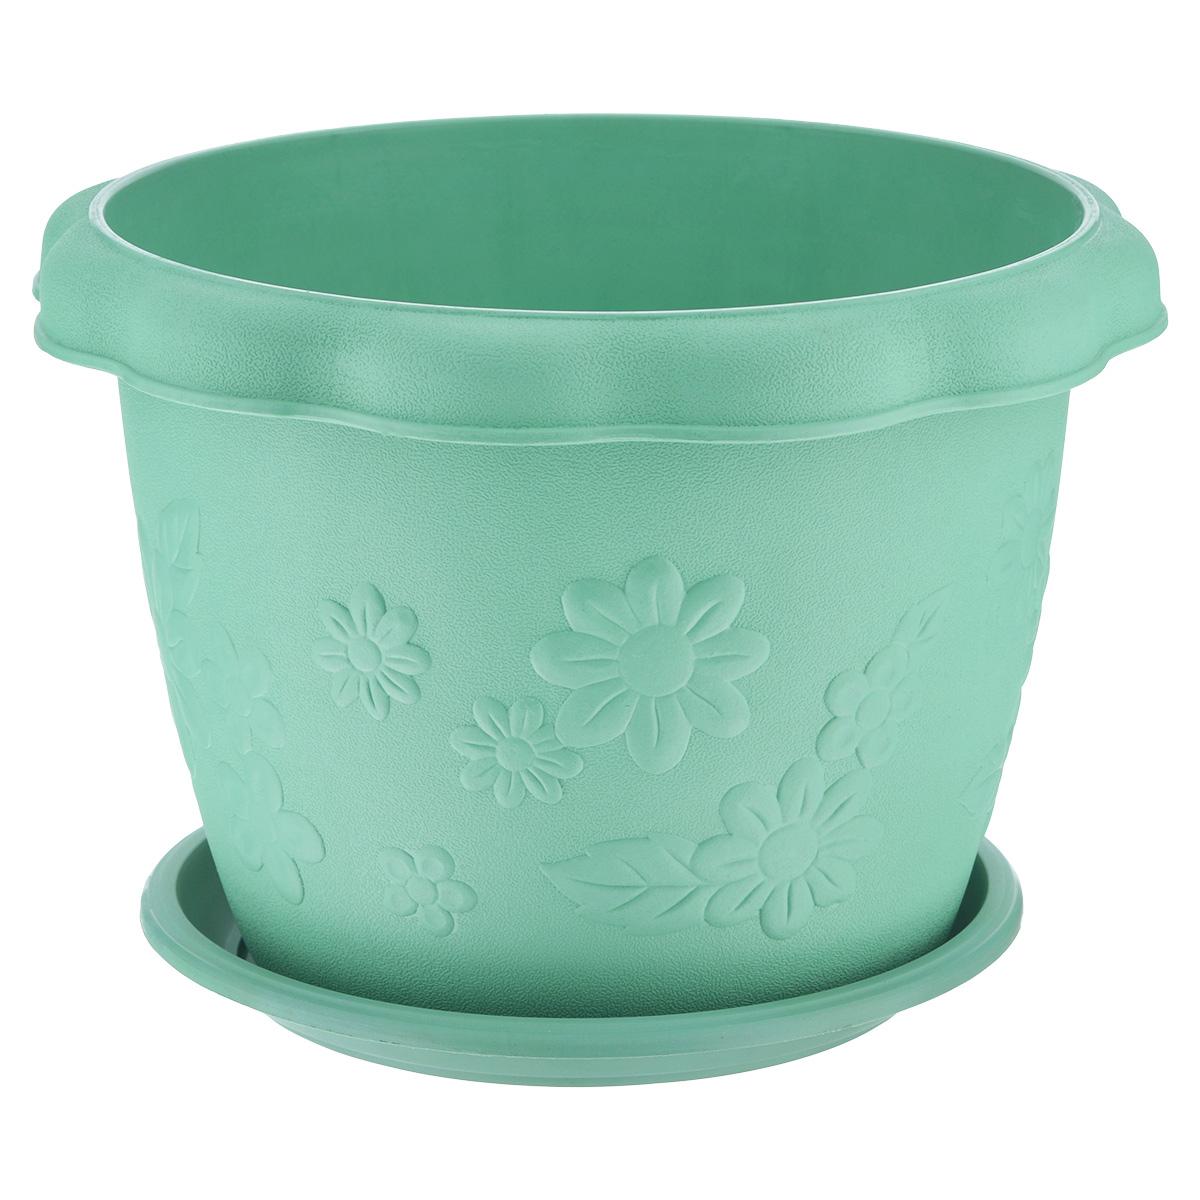 Кашпо Ludu Цветы, с поддоном, цвет: зеленый, диаметр 22 смKD3903GКашпо Ludu Цветы изготовлено из высококачественного пластика. Специальный поддон предназначен для стока воды. Изделие прекрасно подходит для выращивания растений и цветов в домашних условиях. Лаконичный дизайн впишется в интерьер любого помещения. Диаметр поддона: 18 см.